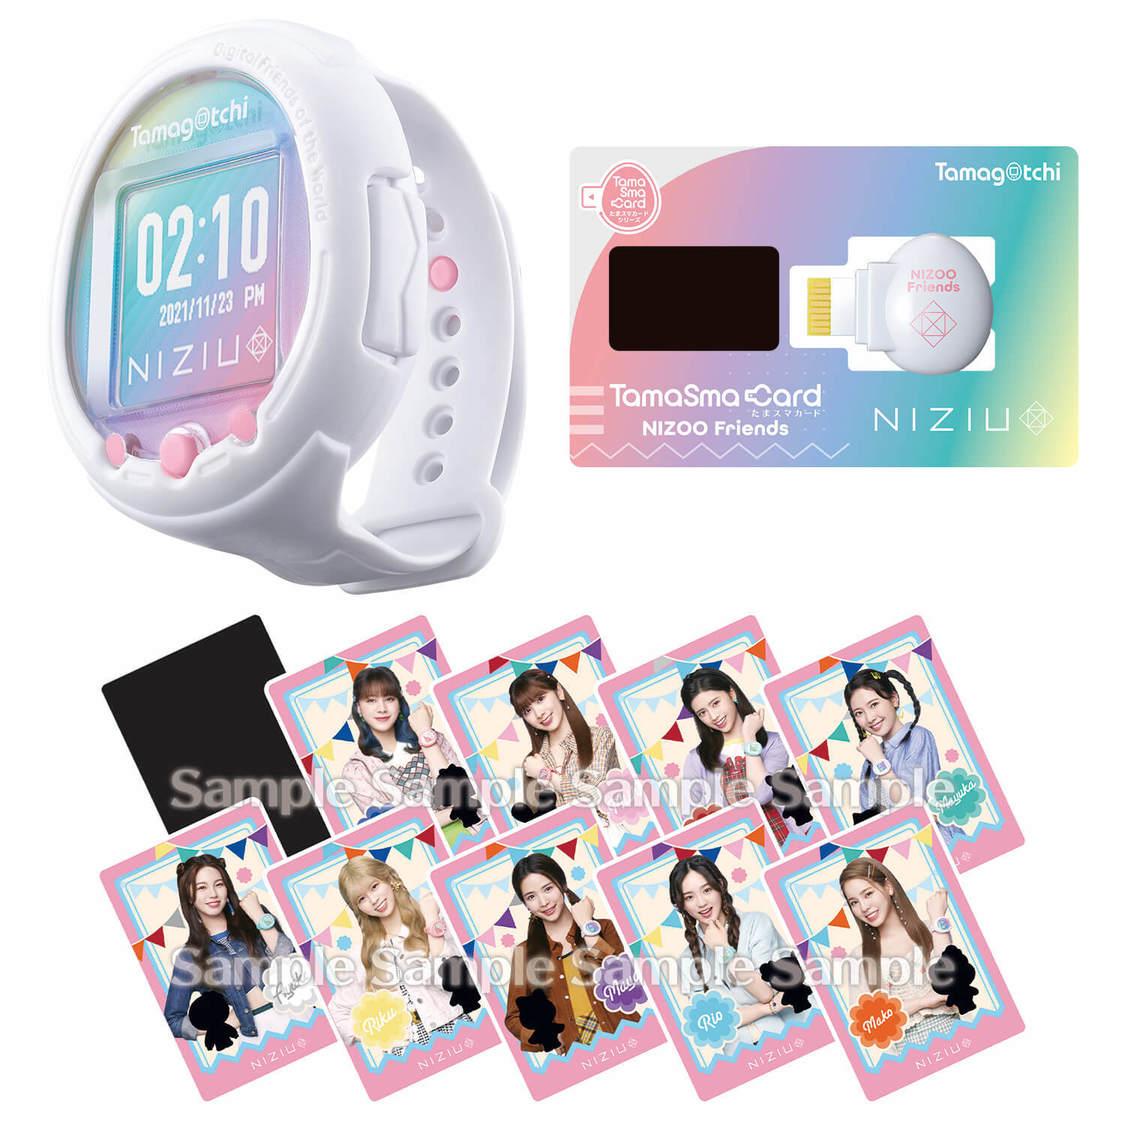 NiziU×たまごっち、コラボ商品『Tamagotchi Smart NiziU スペシャルセット』発売決定!